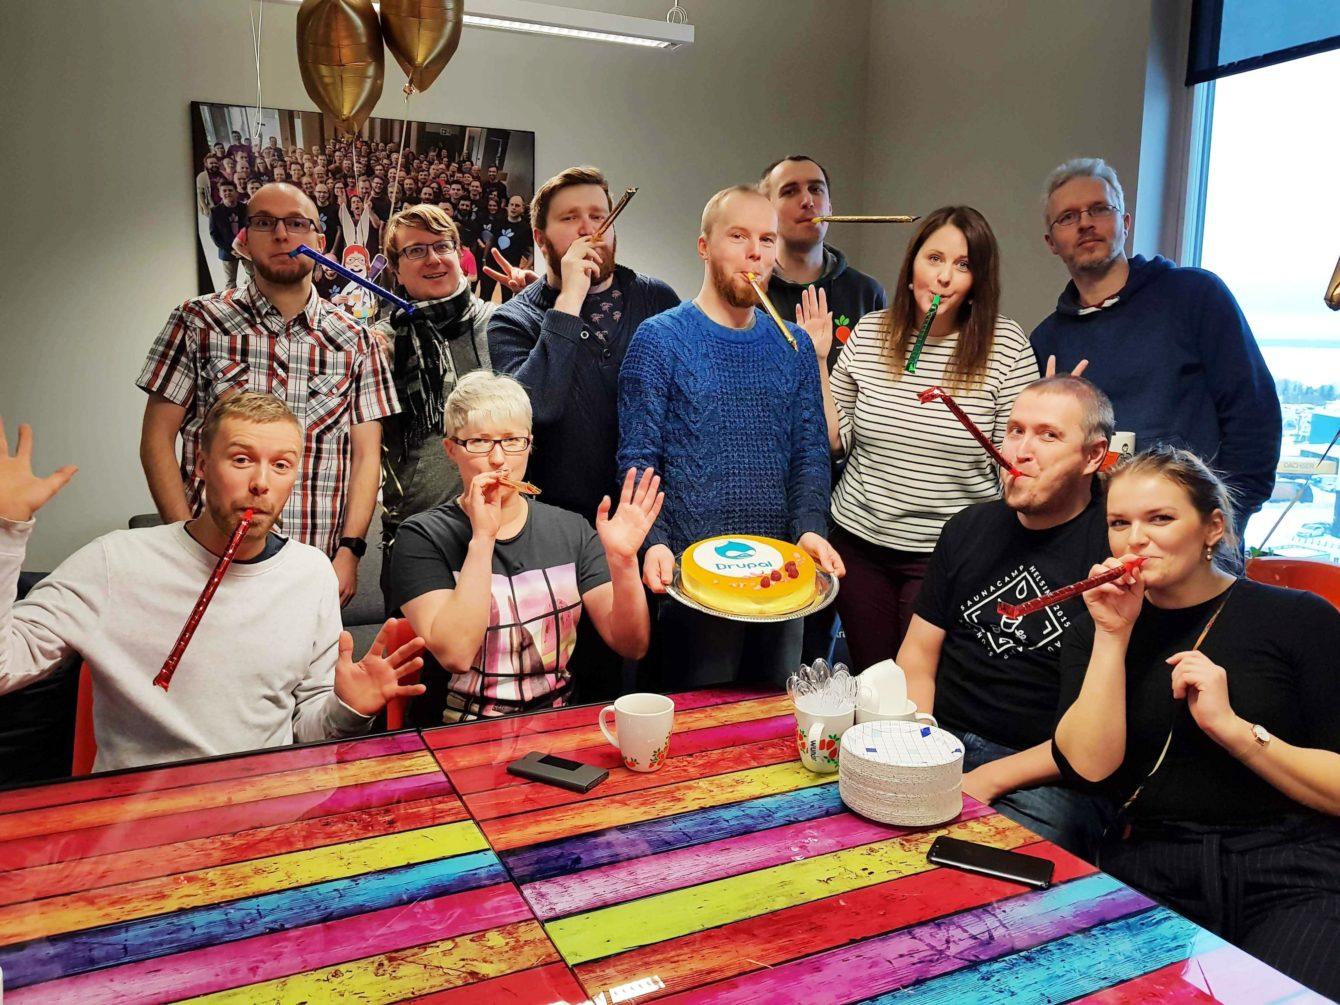 Wunder team celebrating Drupal